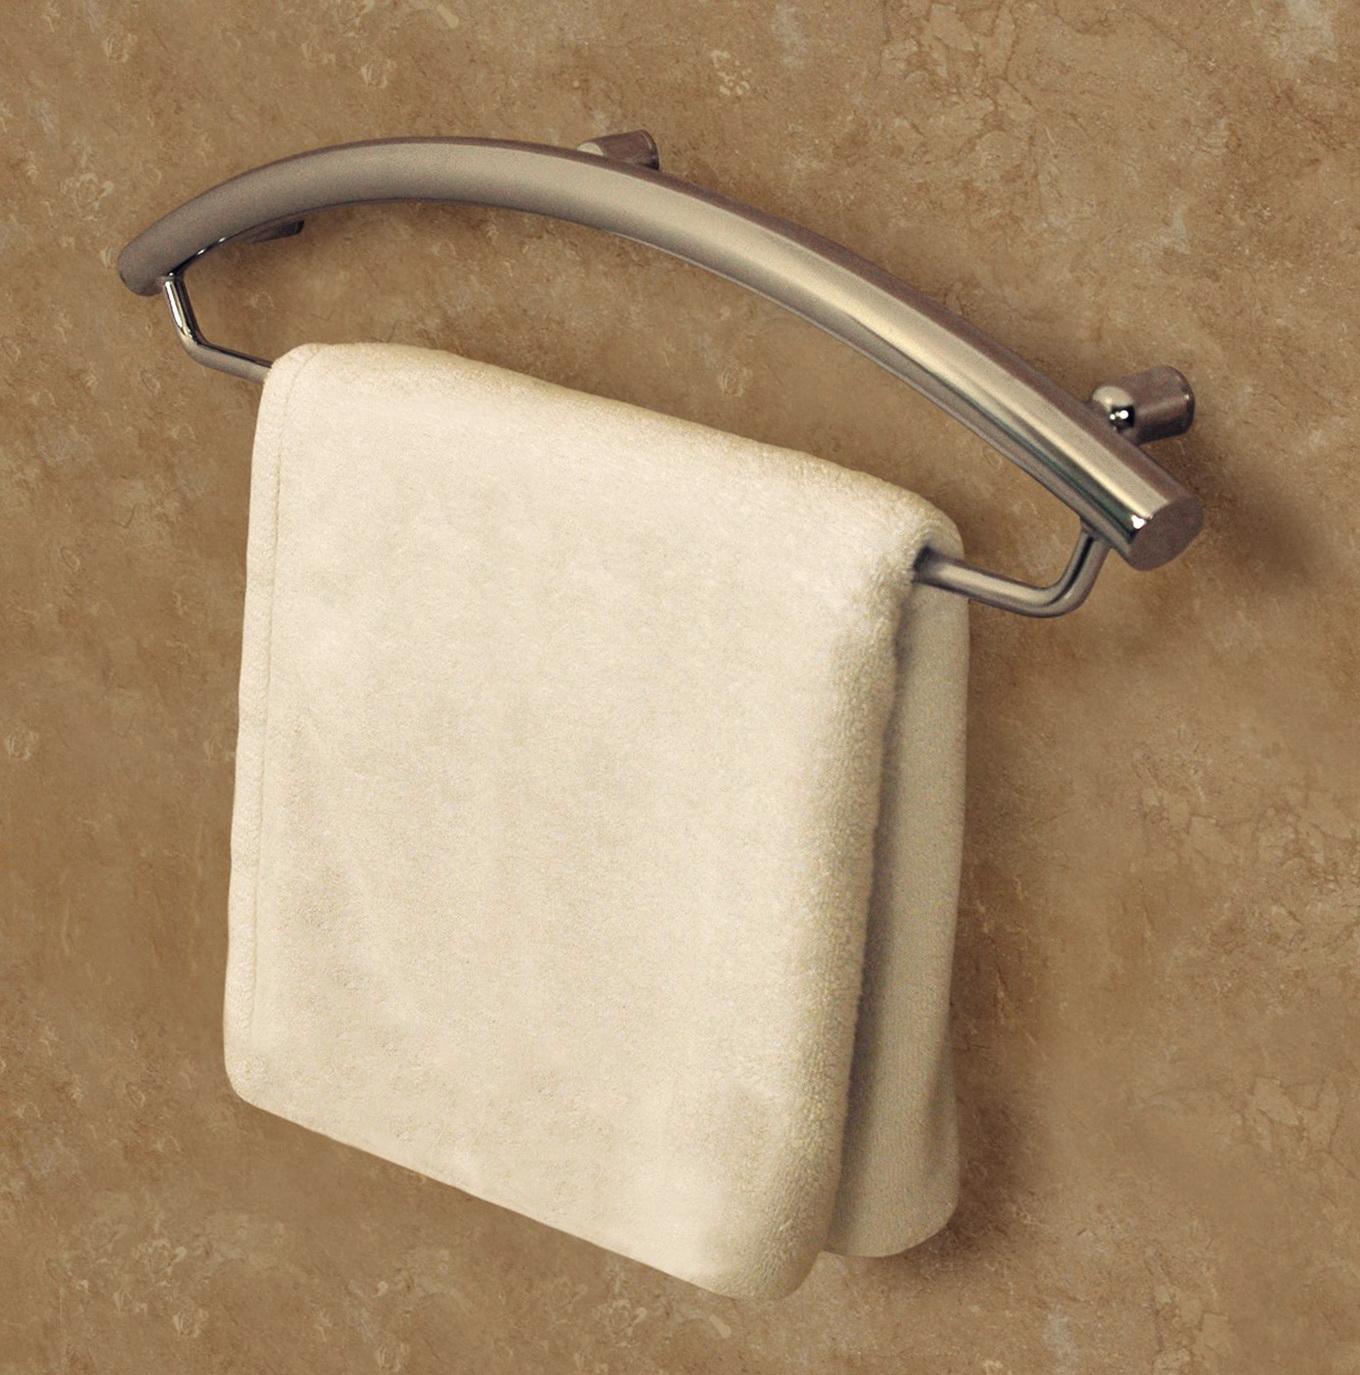 Bathroom Towel Bars Lowes